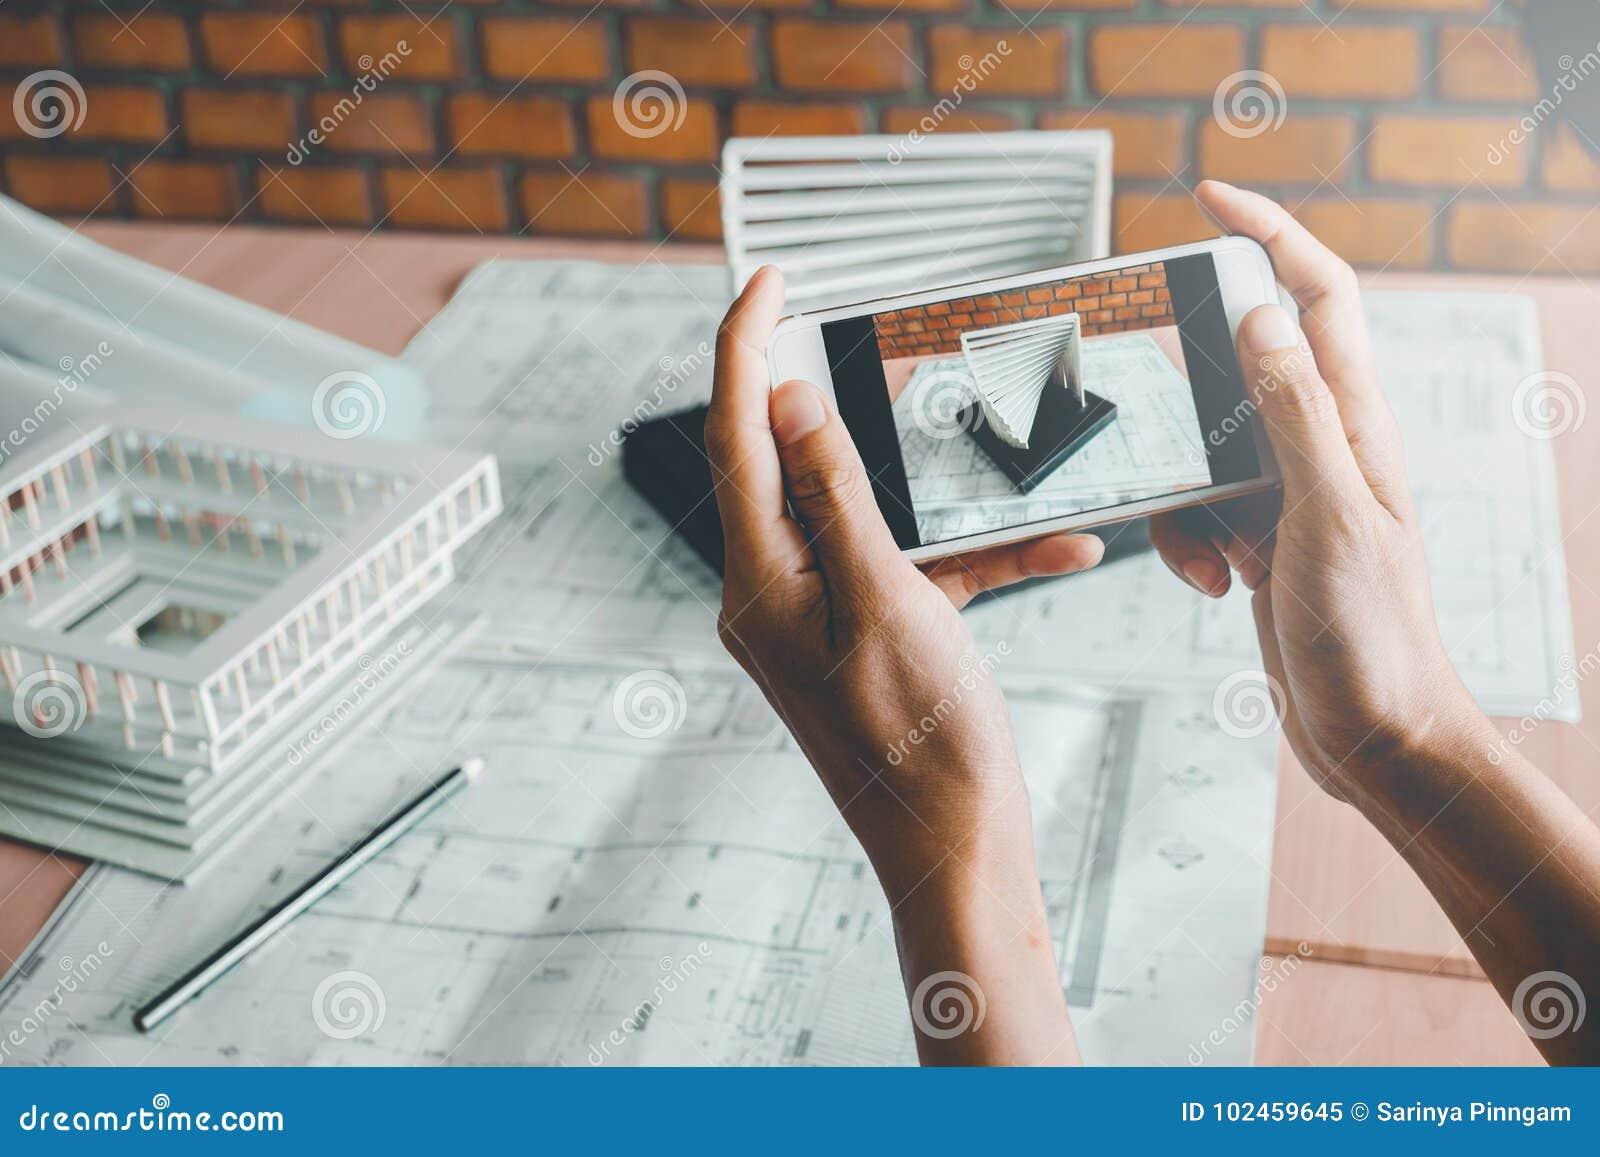 Architecte à l aide de la création de modèles intelligente de photographie de téléphone dans le bureau